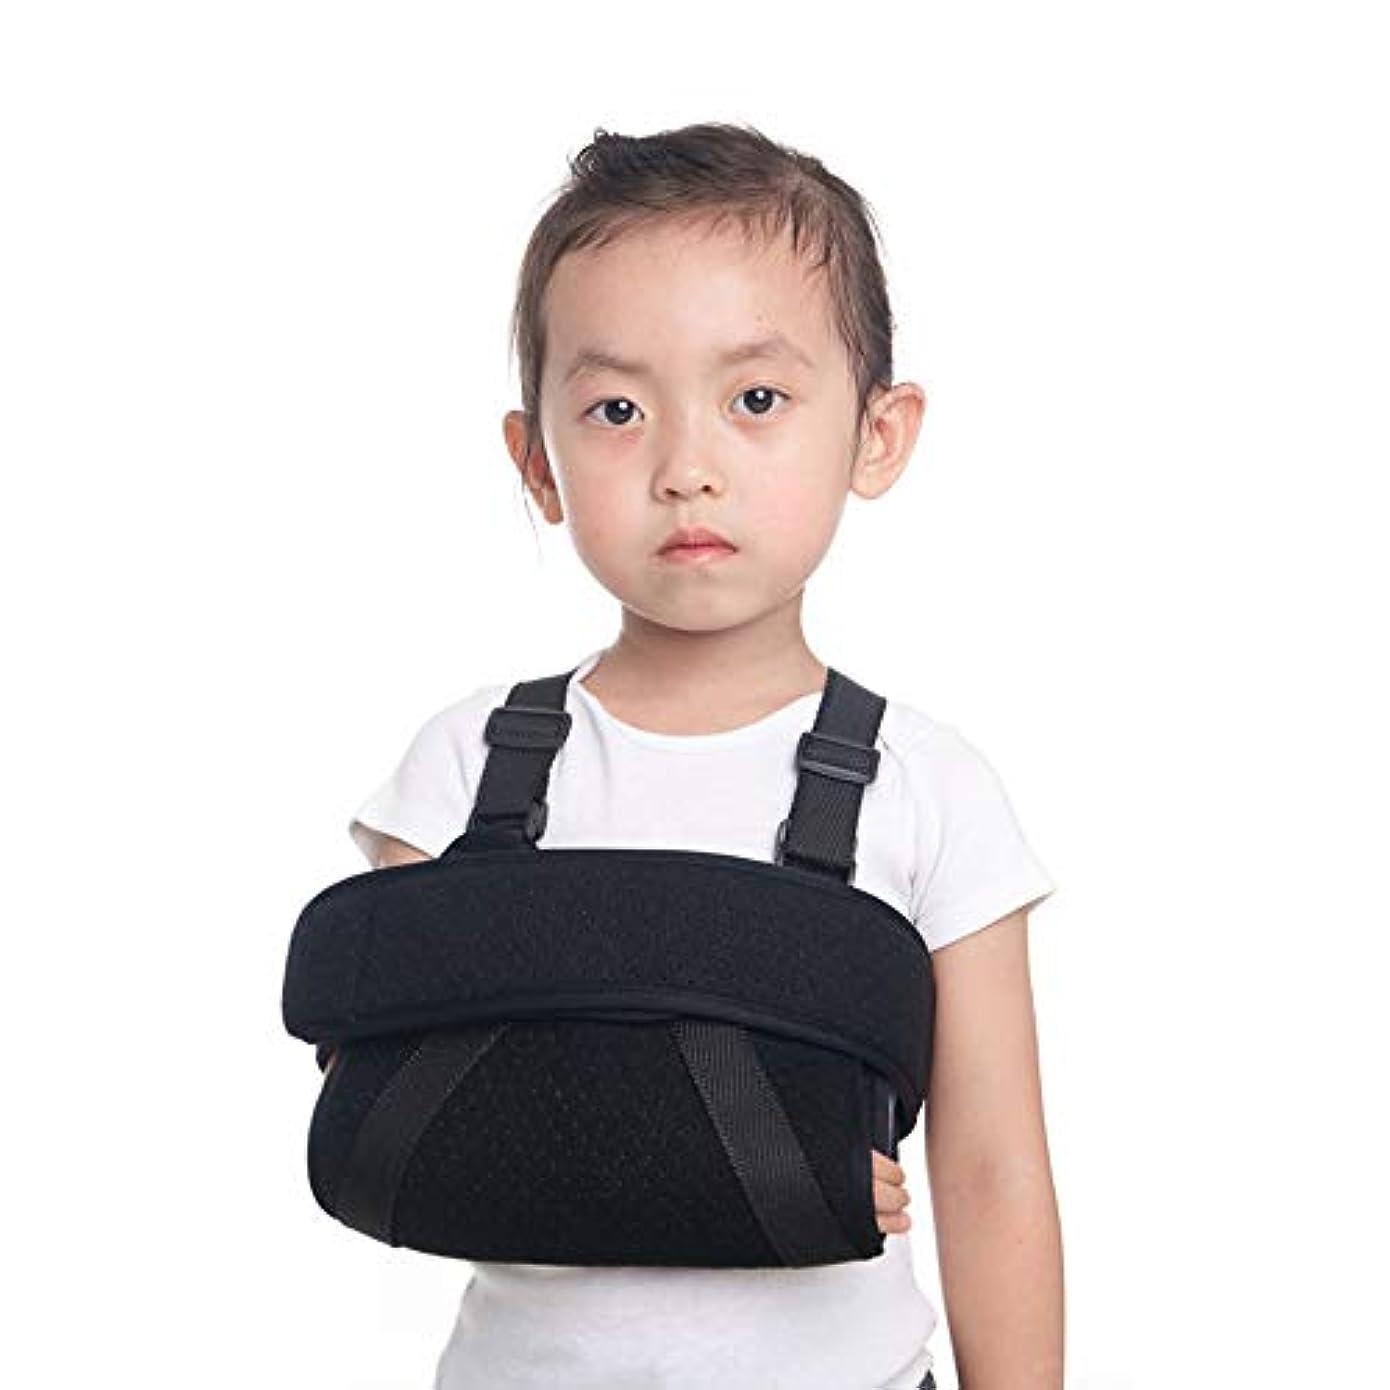 残基雑種主導権キッズフラクチャリングスリング、アームエルボーフラクチャ固定ブレース、6-10歳の子供の 手首脱臼保護サポート,S